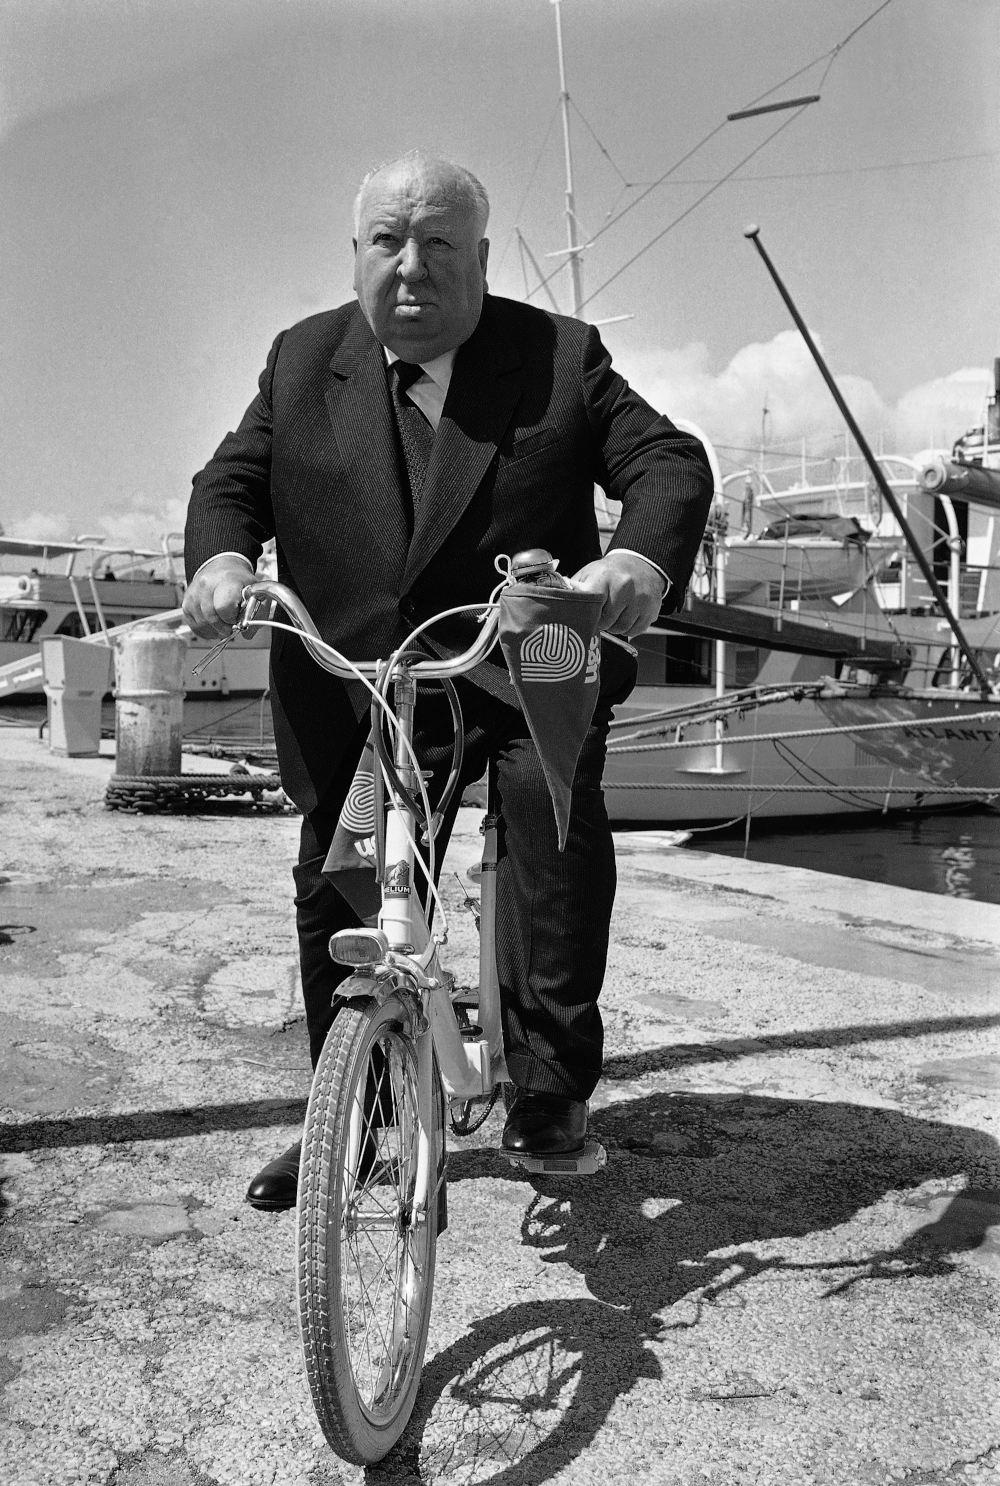 Ο Άλφρεντ Χίτσκοκ κάνει ποδήλατο στις Κάννες